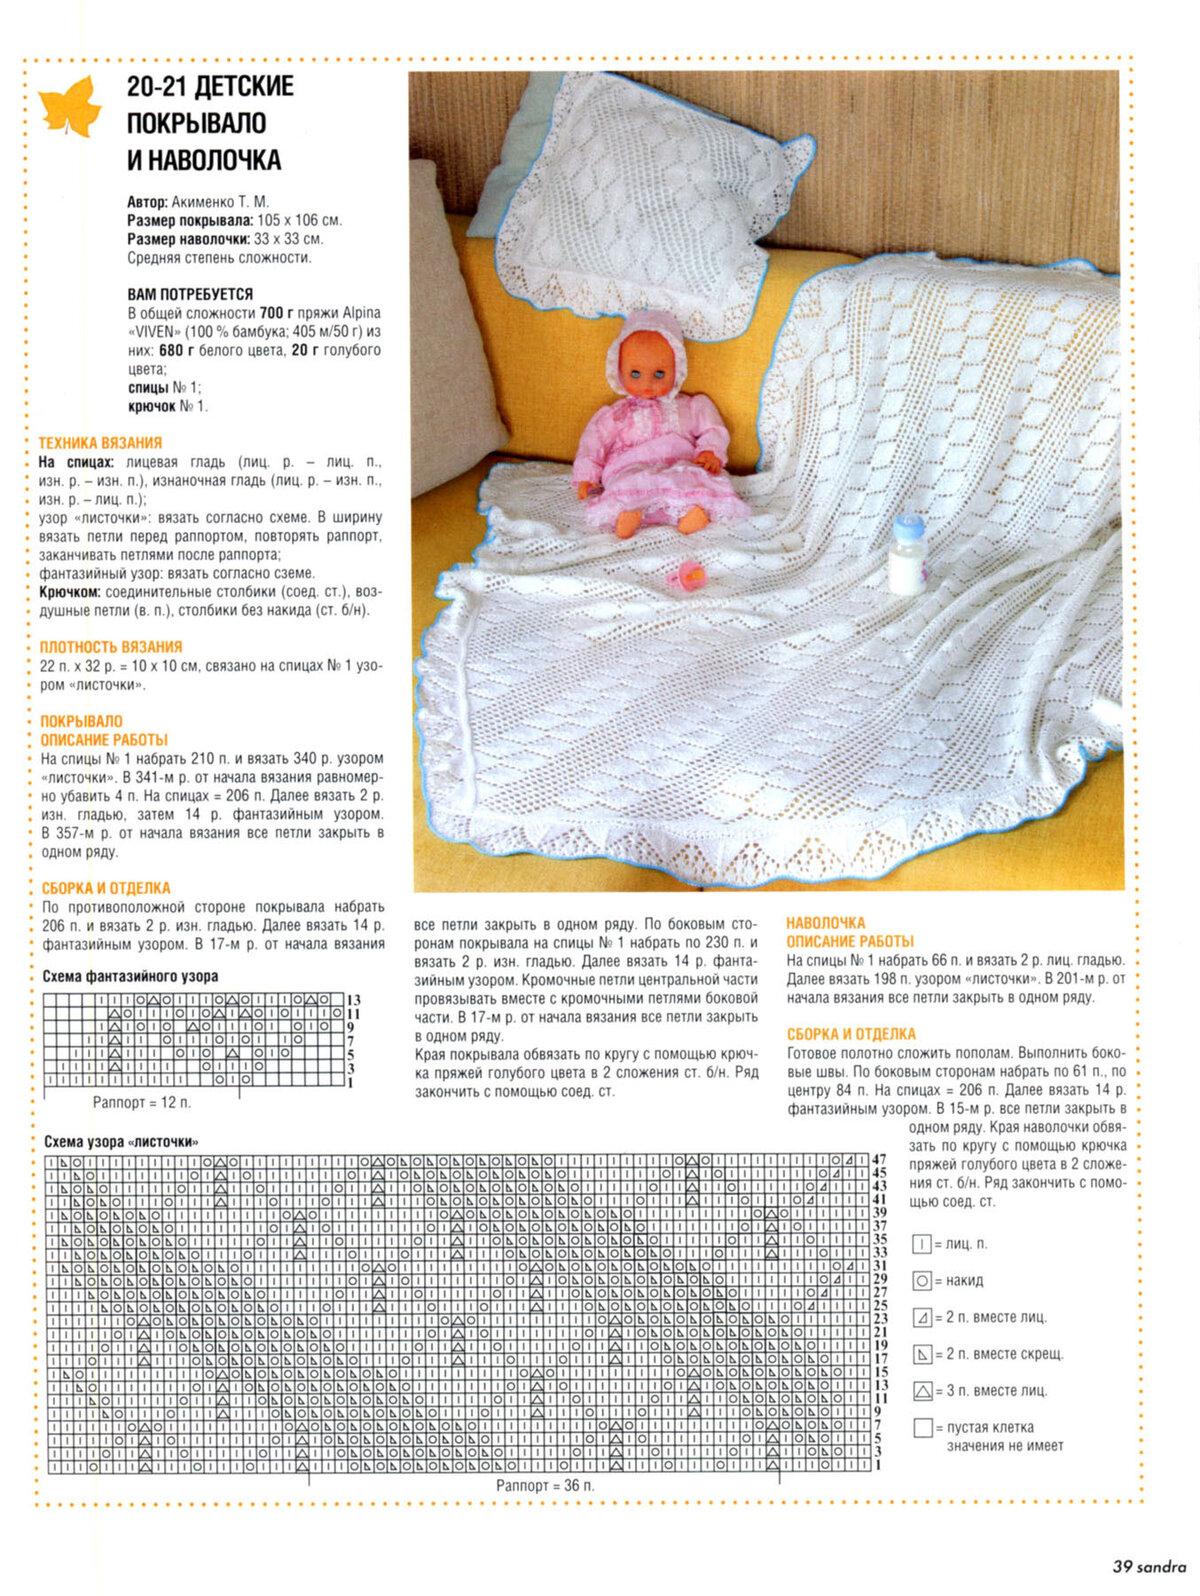 36 пледов для новорожденного связанных крючком со схемами и описанием